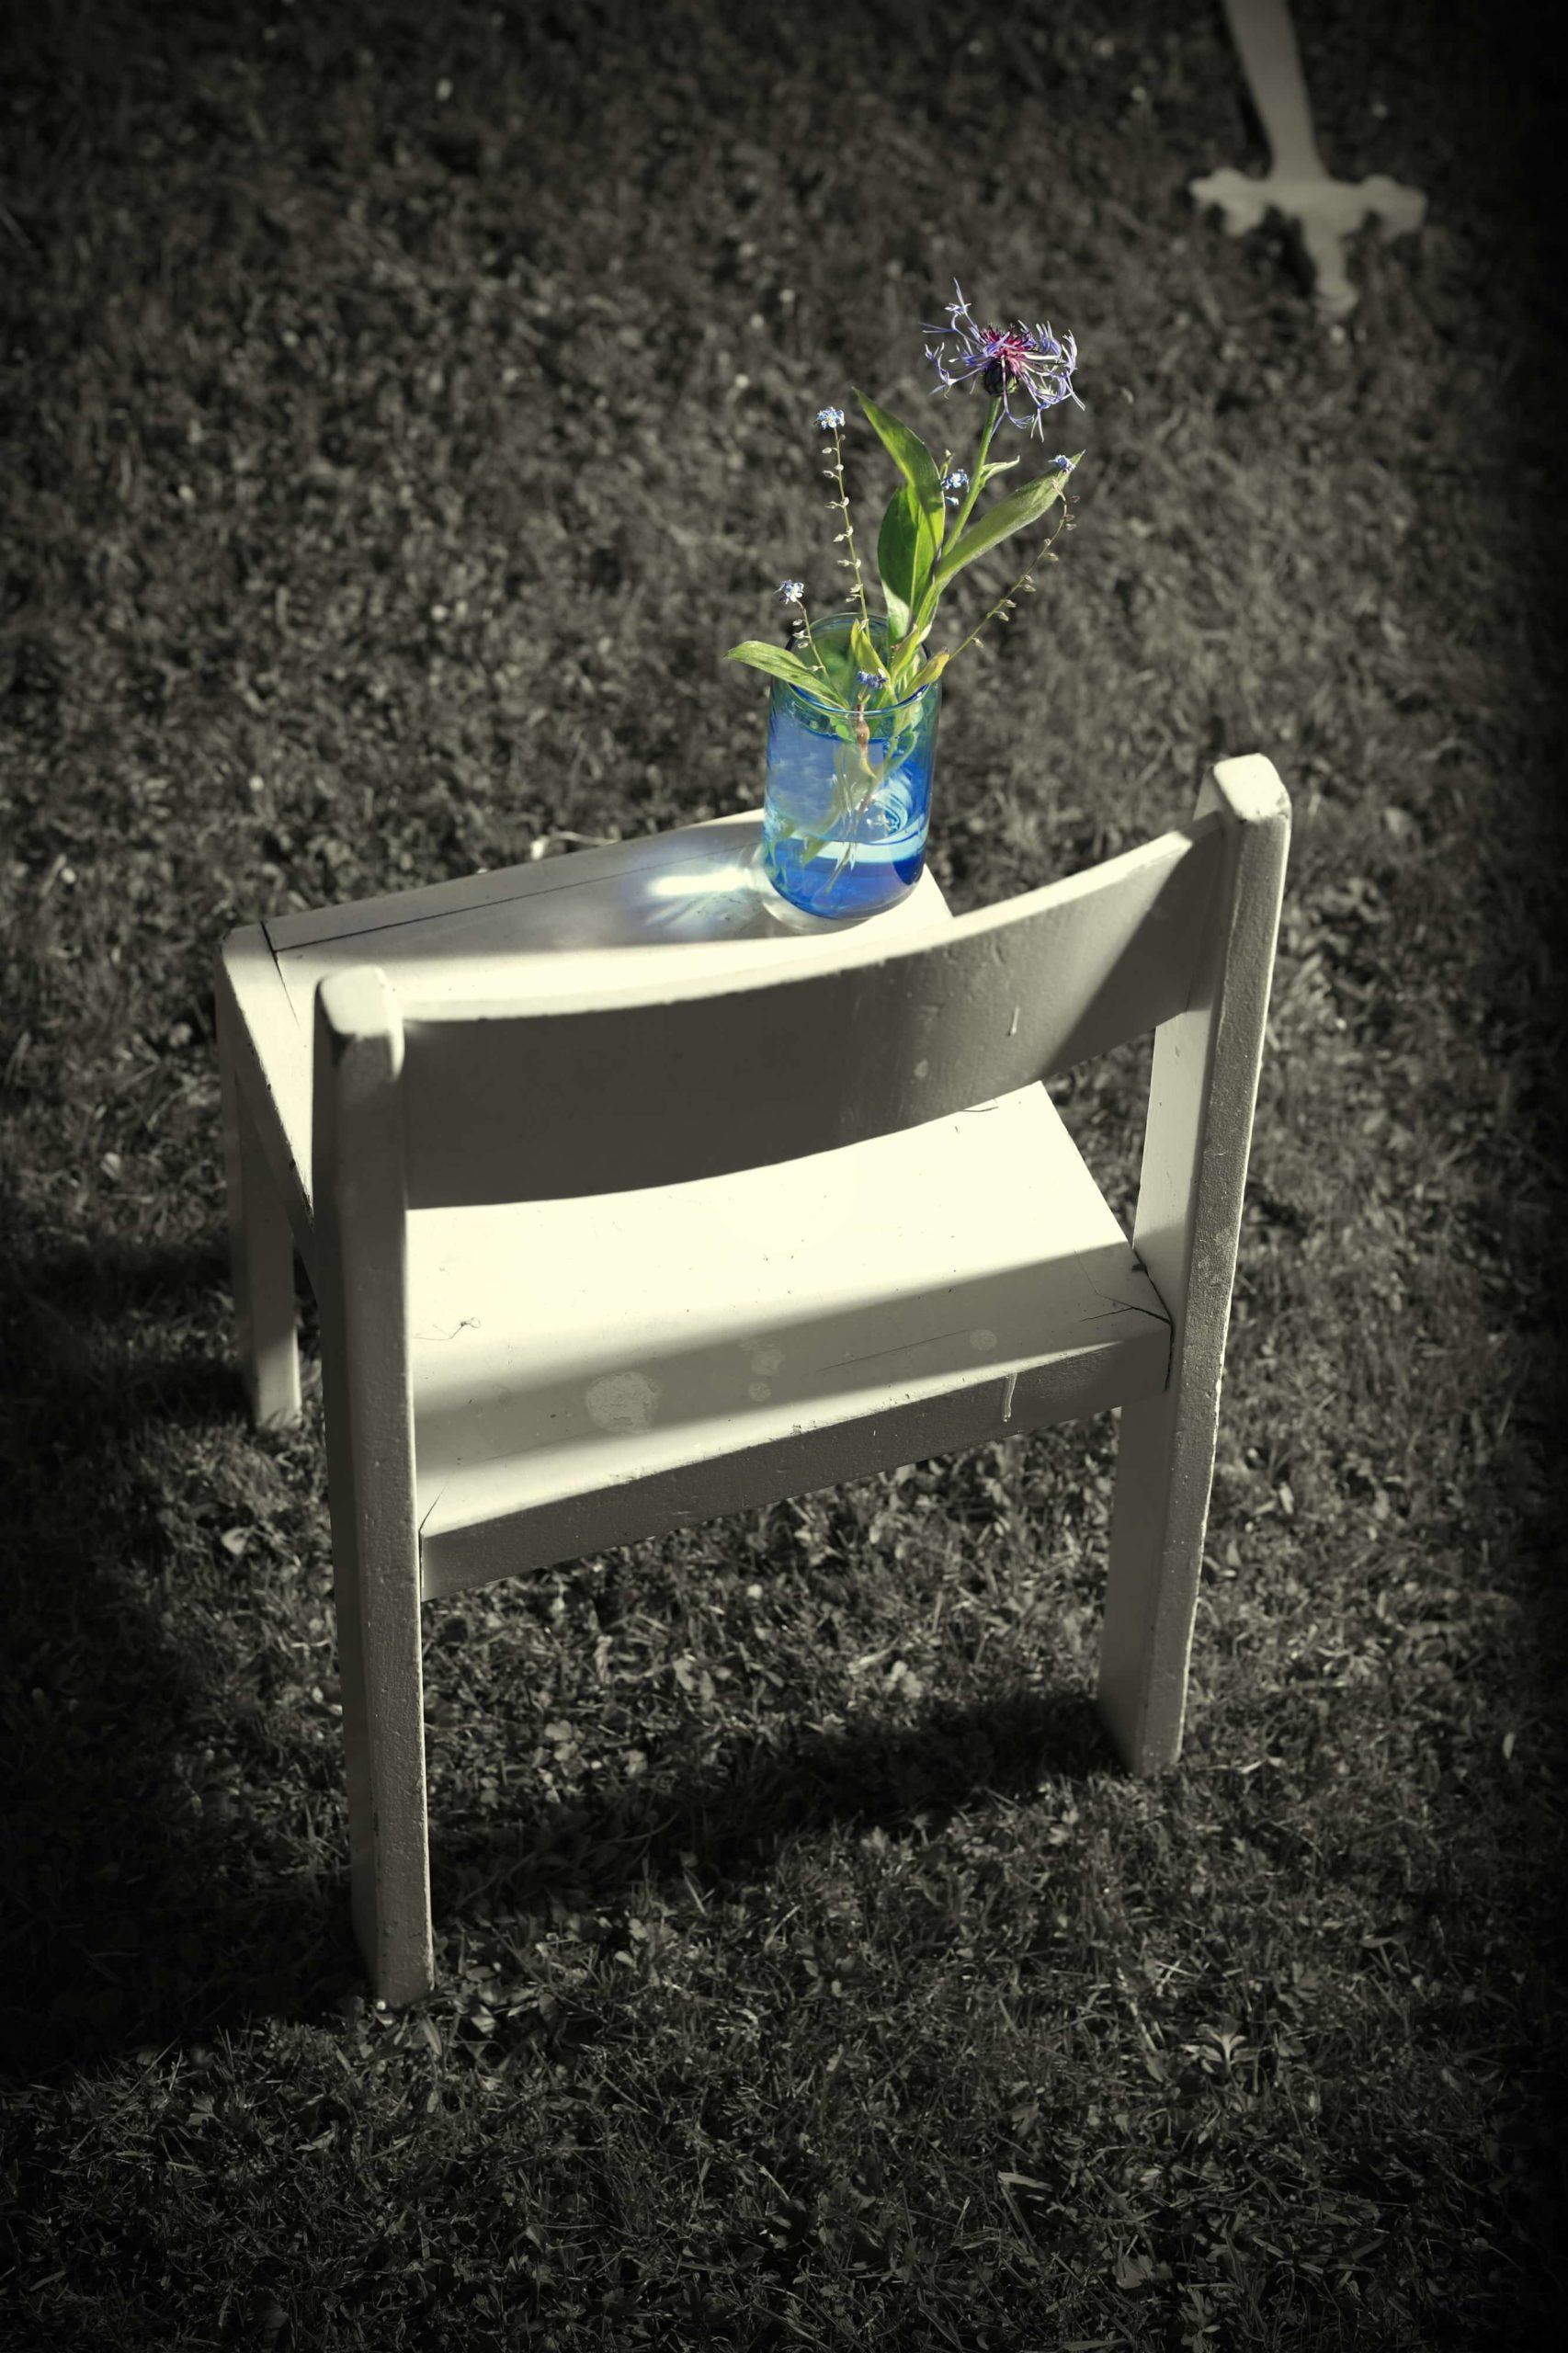 椅子の上の花瓶に入った花